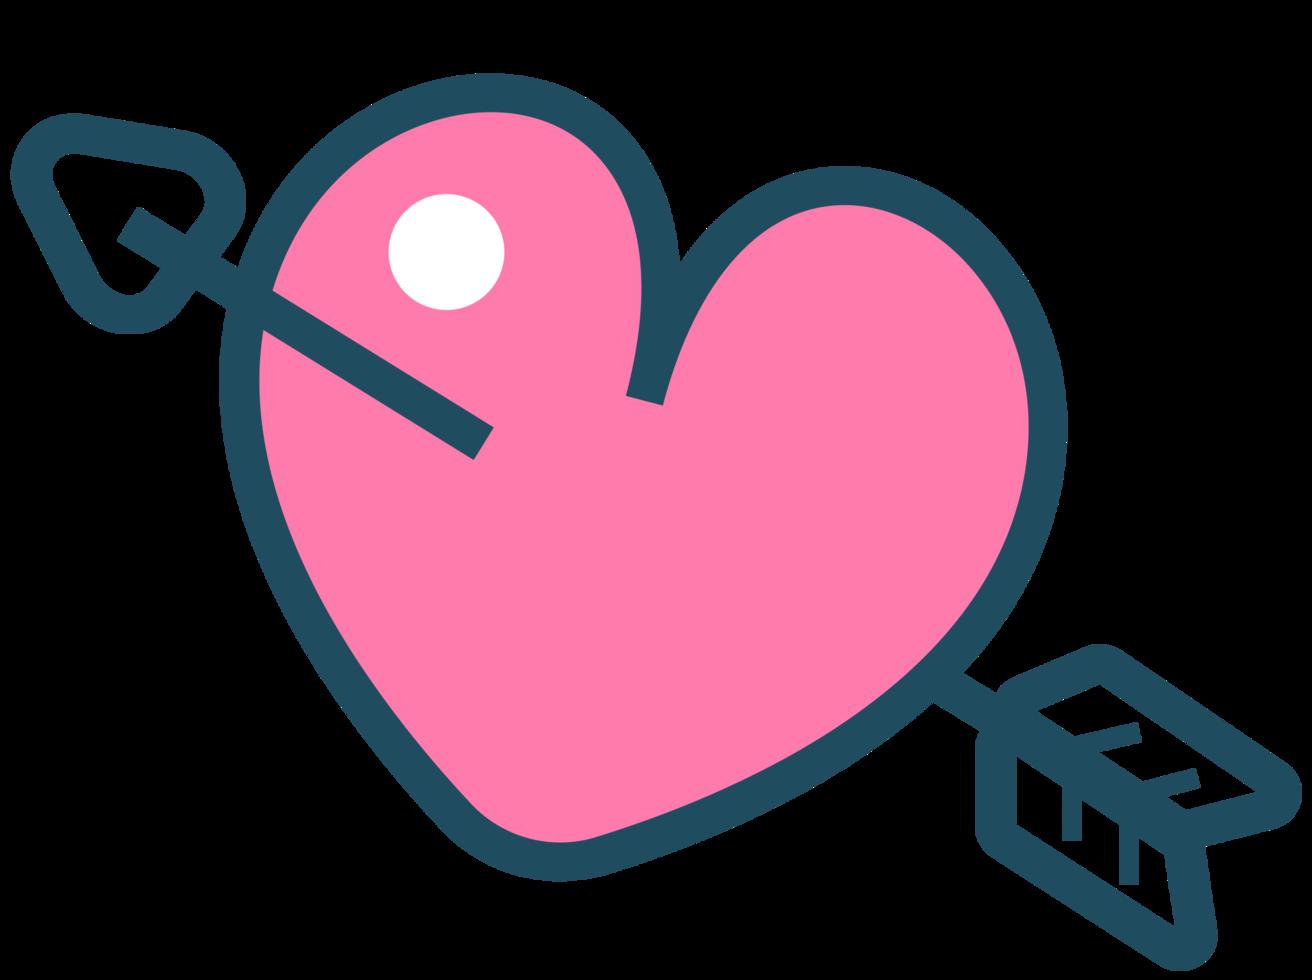 cuore con freccia png